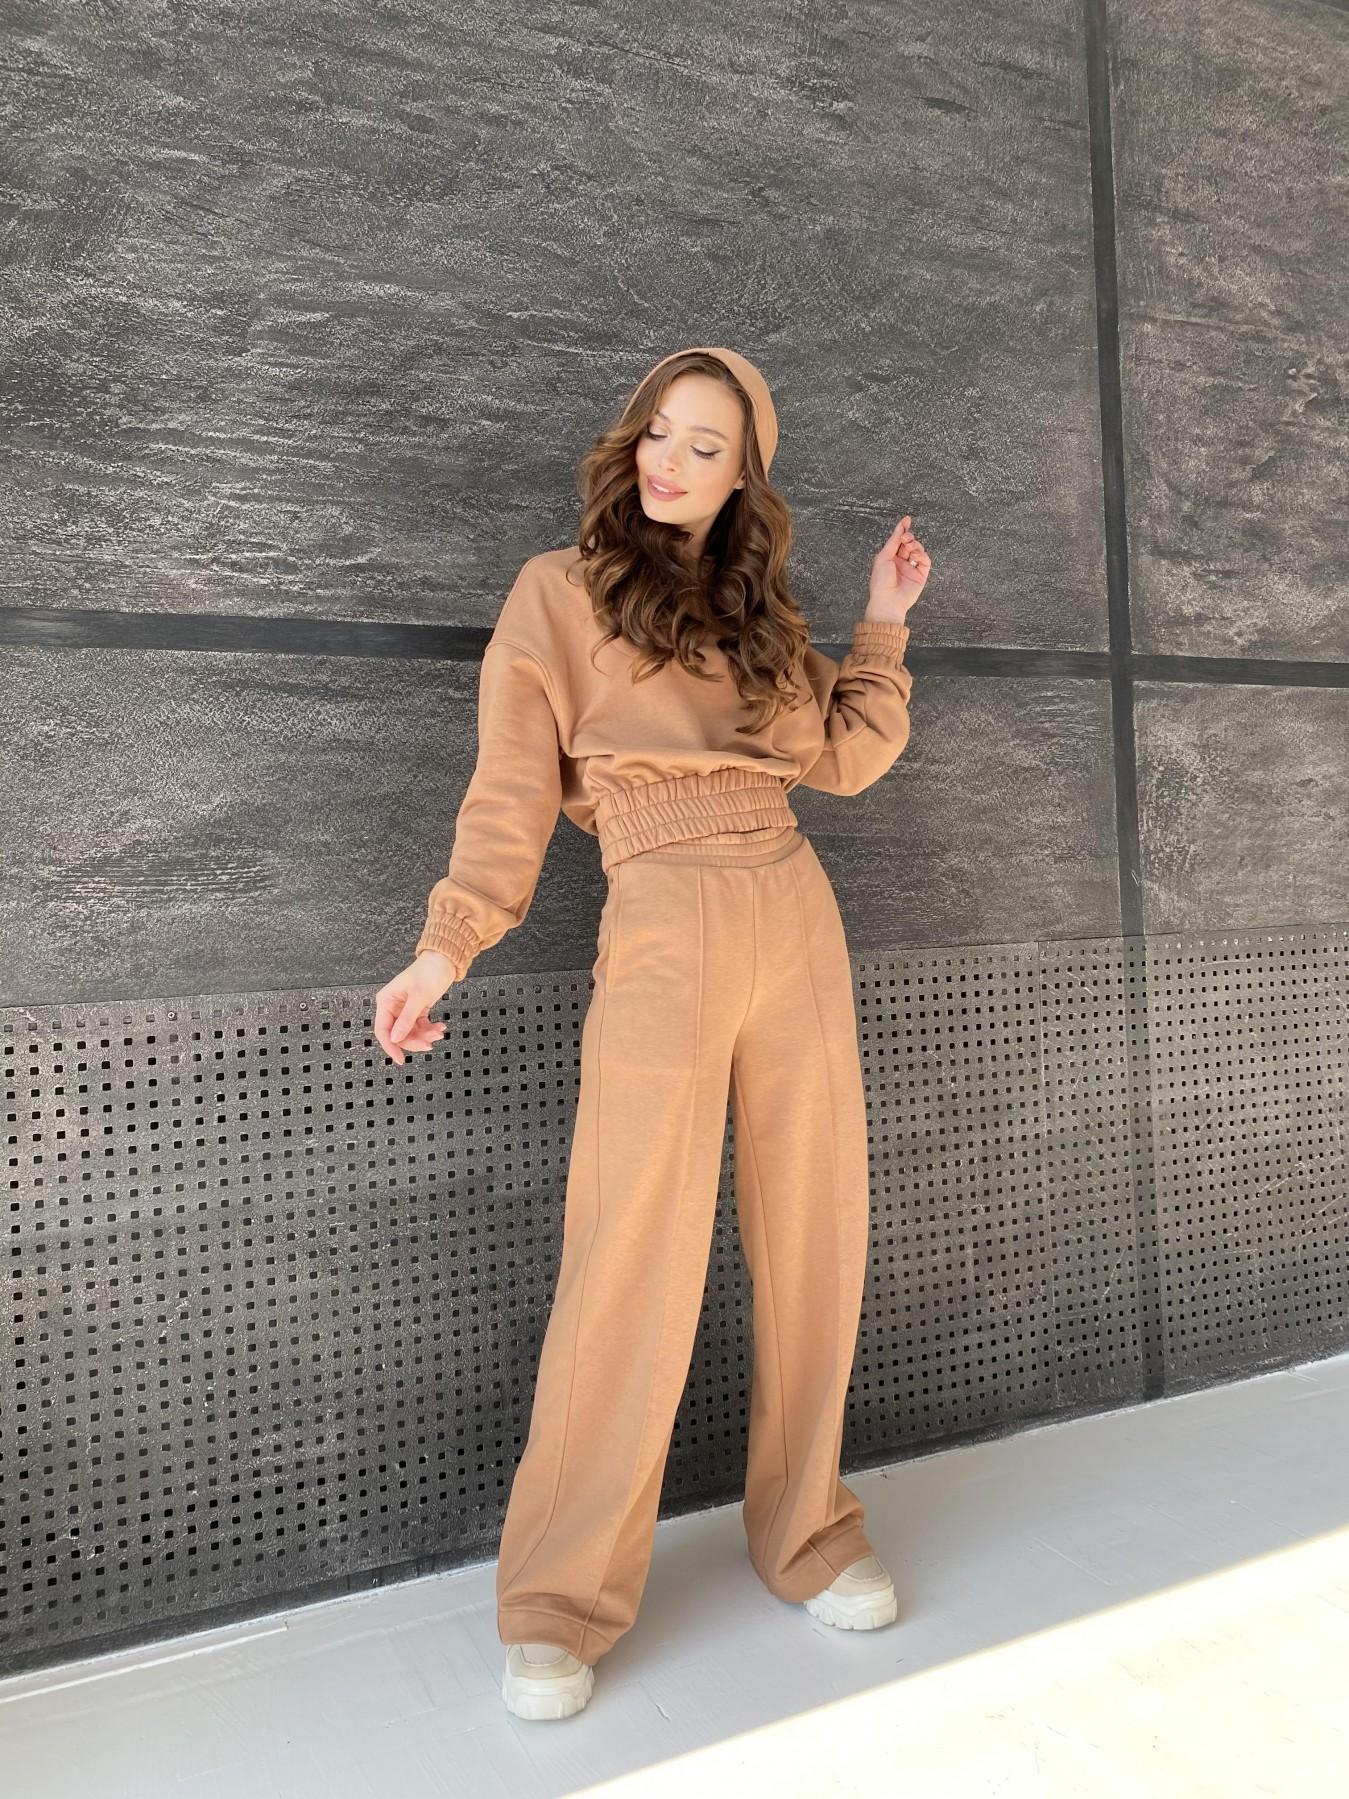 Бейби  прогулочный костюм из 3х нитки 10812 АРТ. 47284 Цвет: Кемел - фото 6, интернет магазин tm-modus.ru